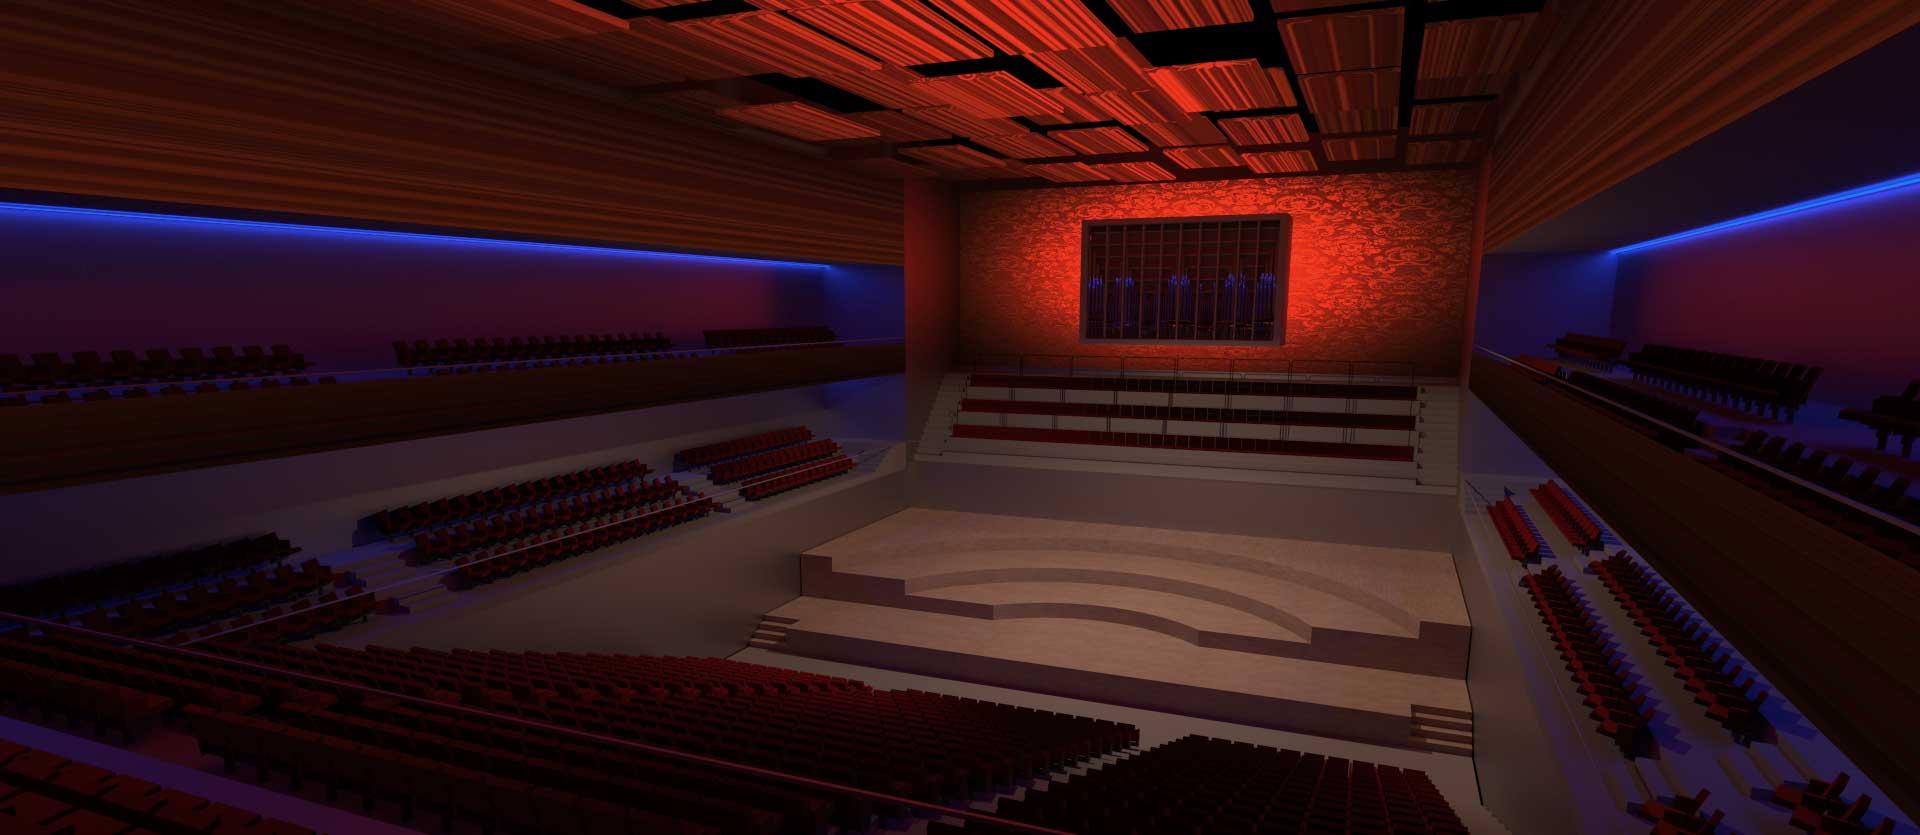 Musikzentrum Saar